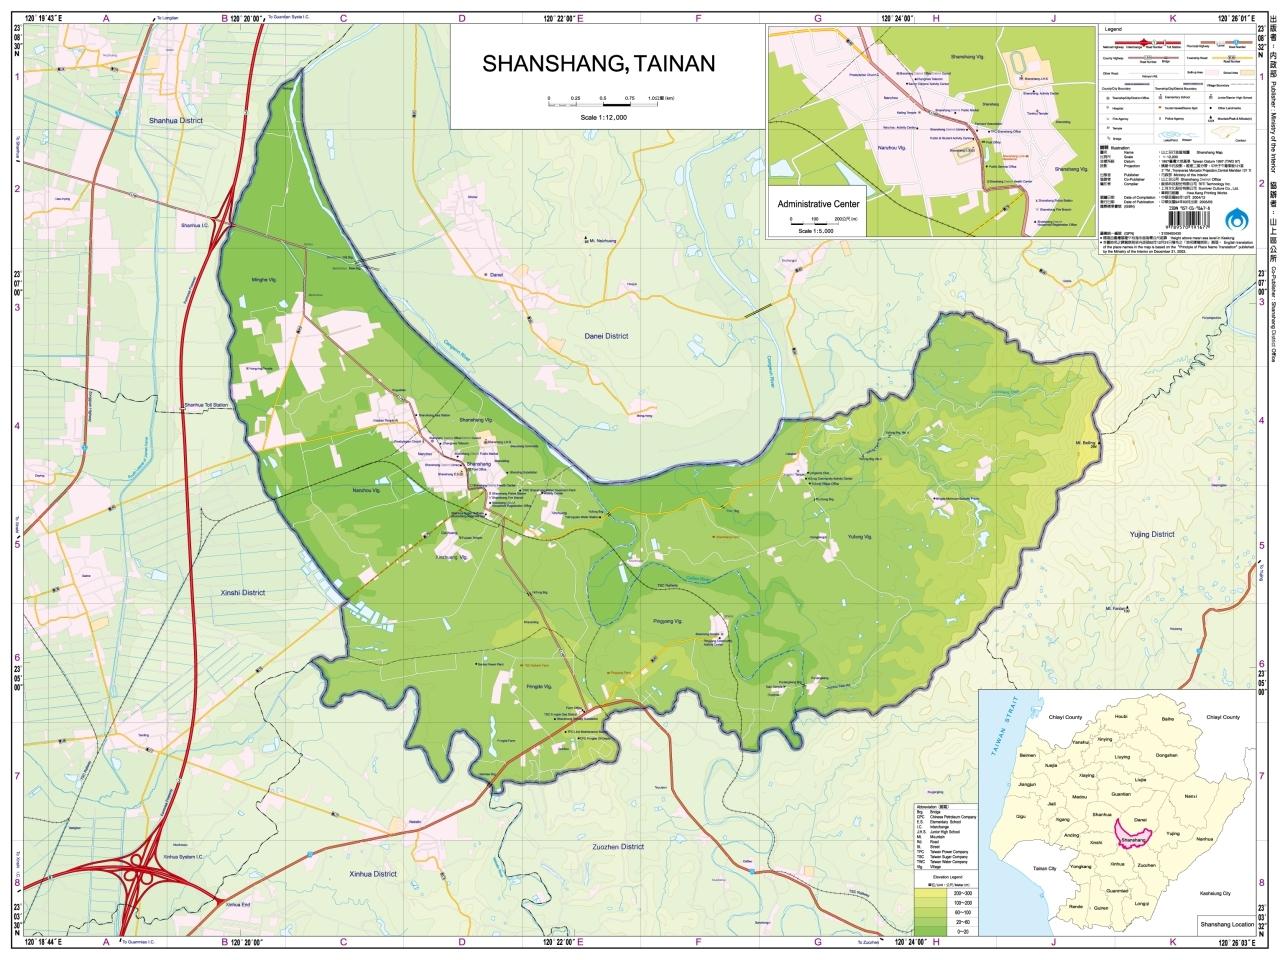 Tainan City Shanshang District